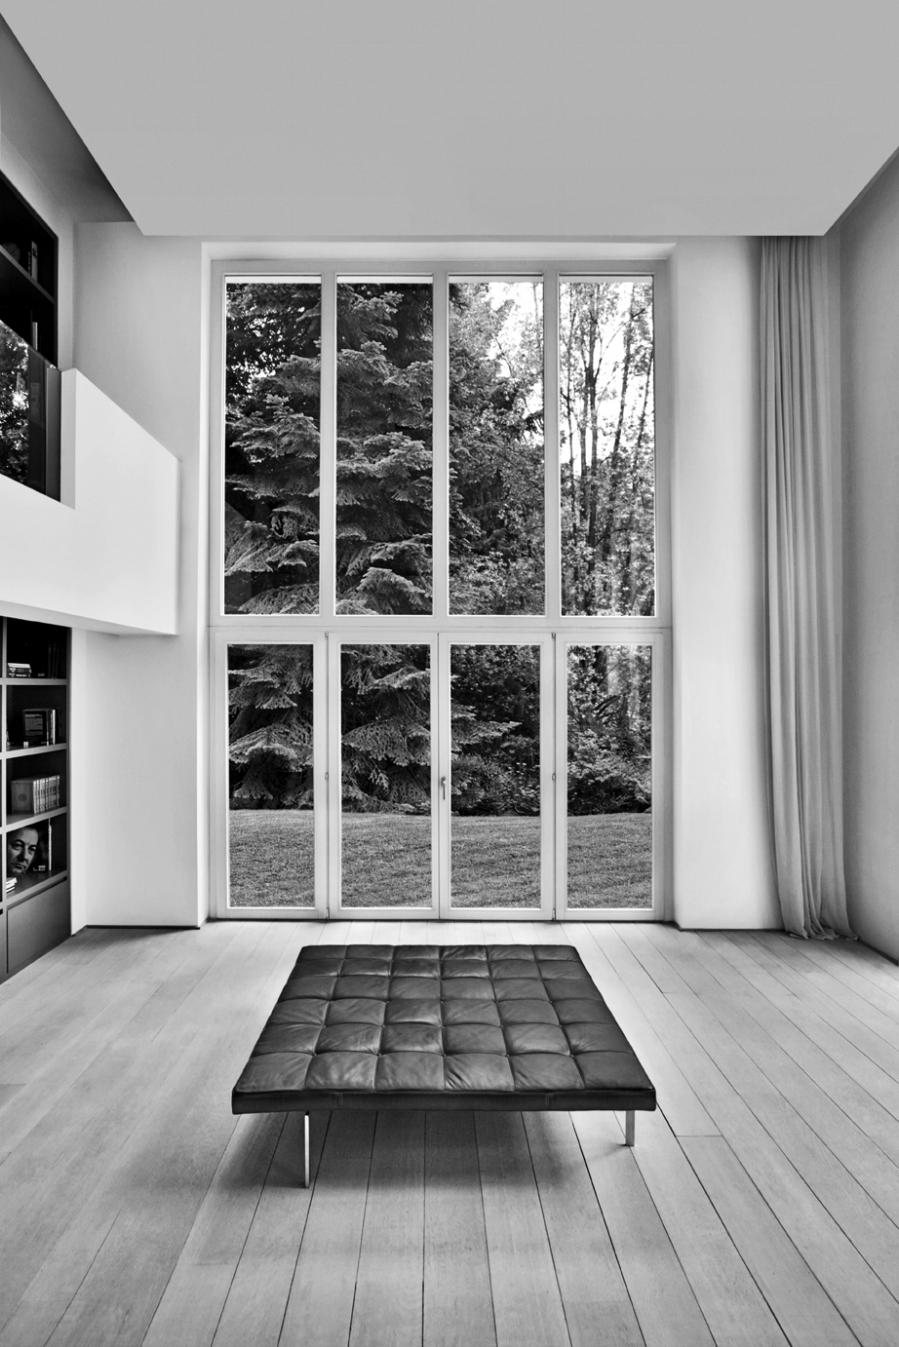 Olivier-Dwek-Architecture-Interior-Inspiration-6.jpg